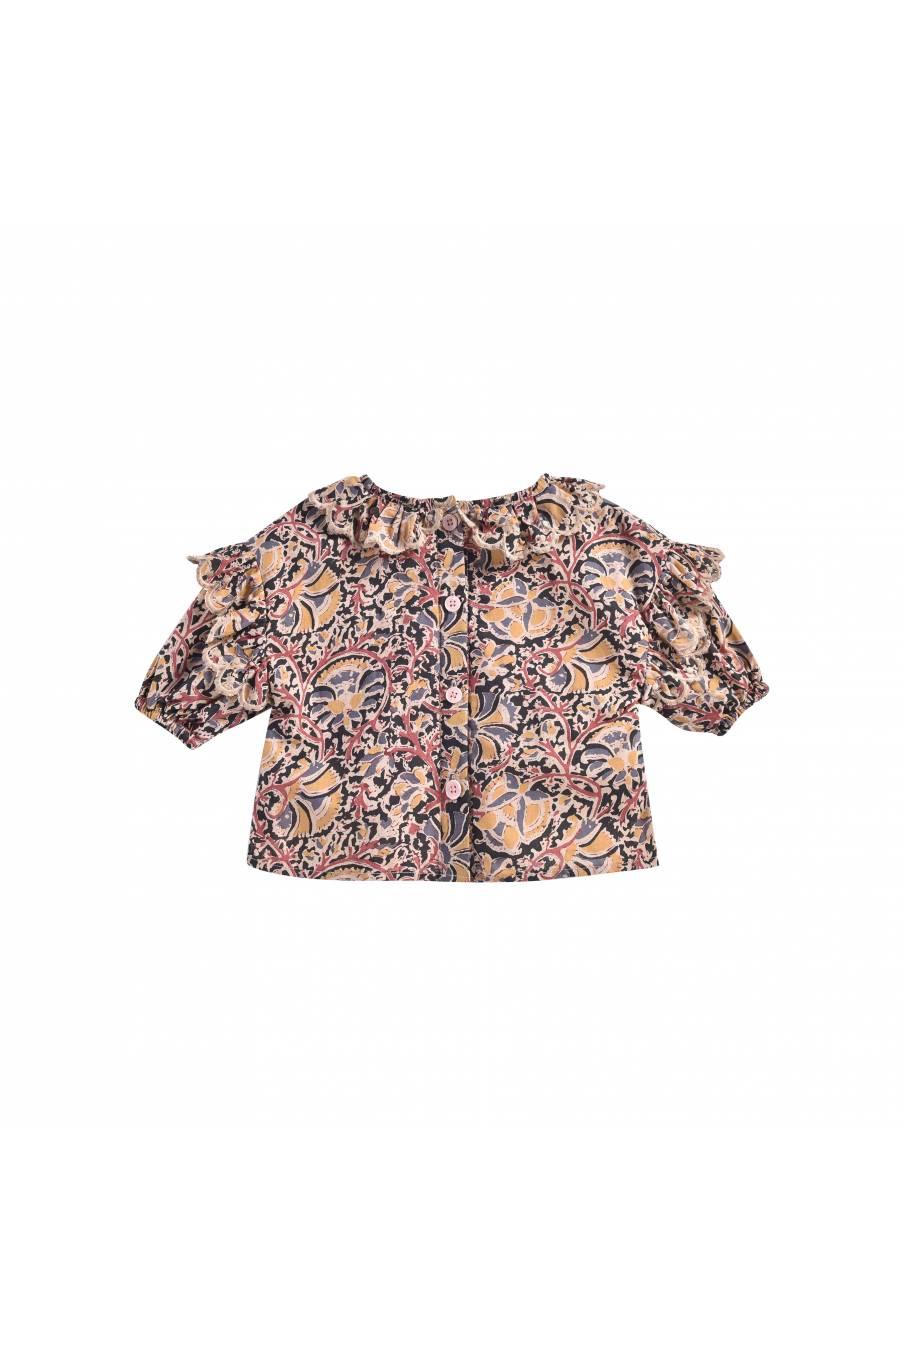 boheme chic vintage blouse bébé fille gaita nordish flowers